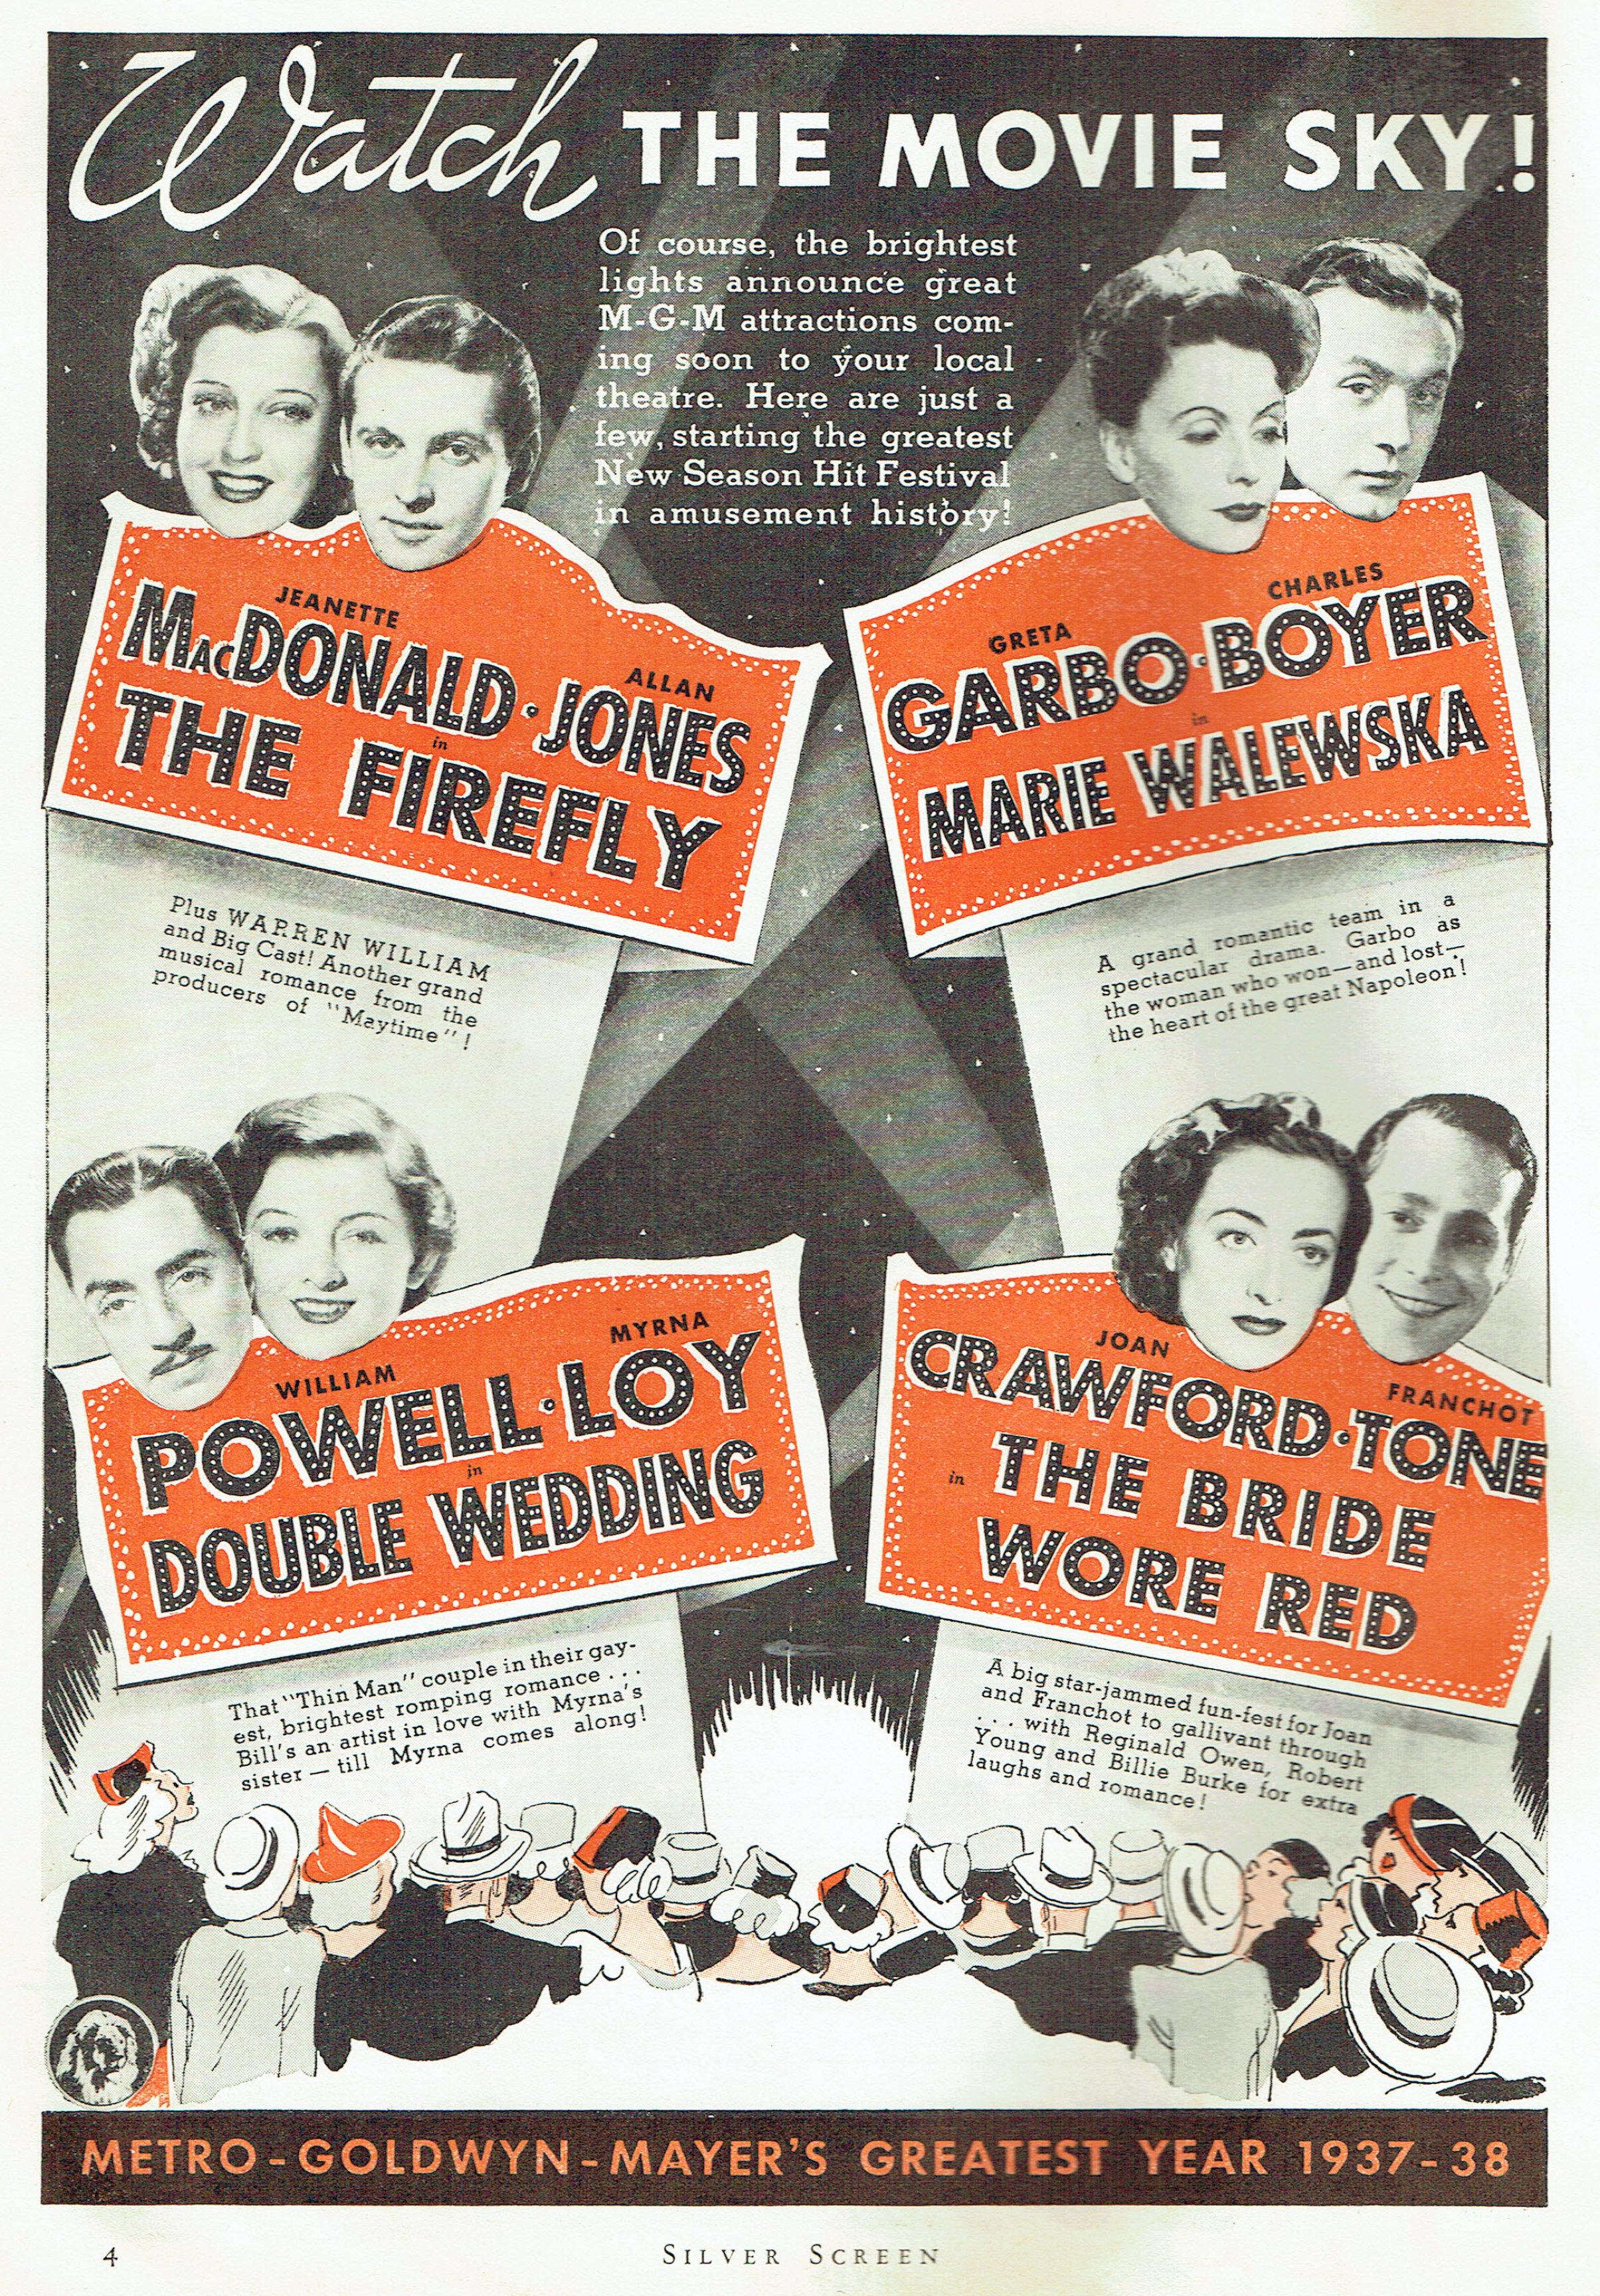 silver screen september 1937a